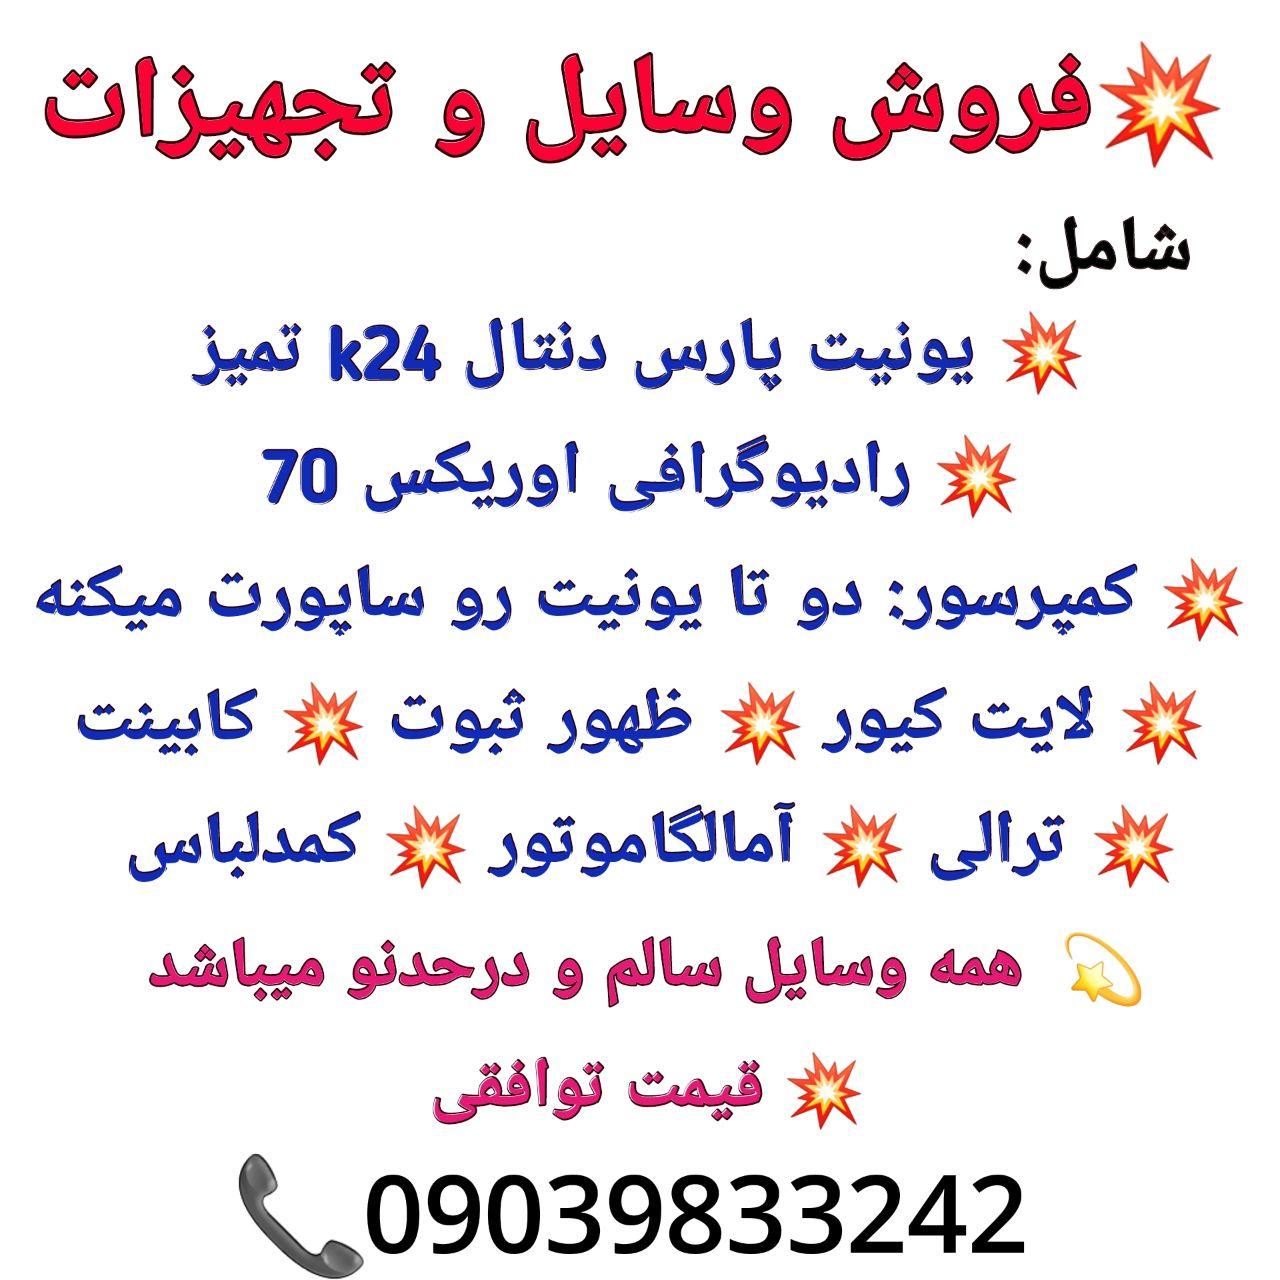 تهران: فروش وسایل و تجهیزات